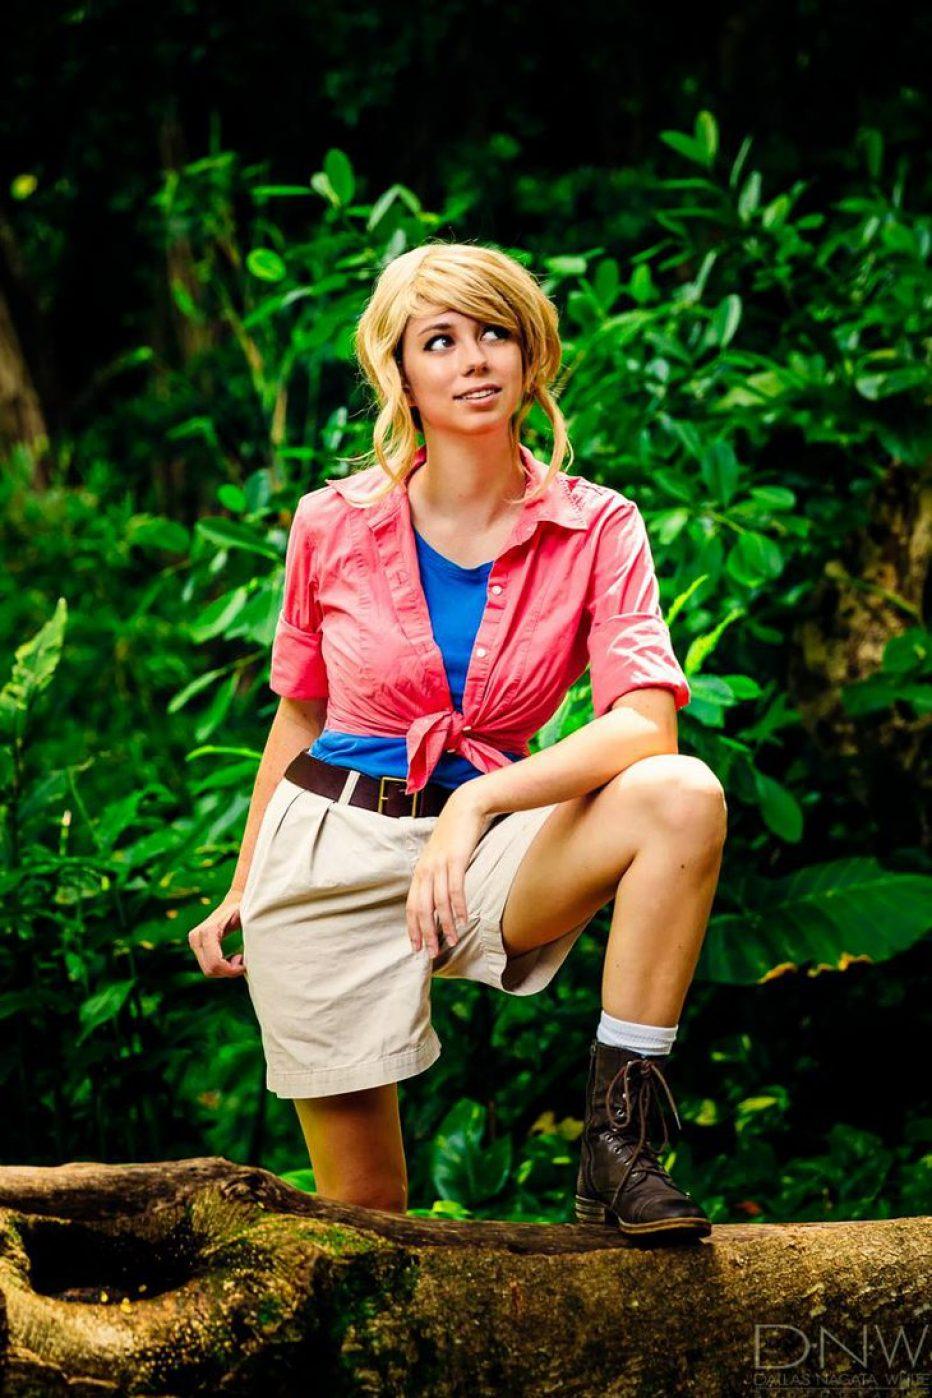 Jurassic-Park-Dr.-Ellie-Sattler-Cosplay-Gamers-Heroes-6.jpg